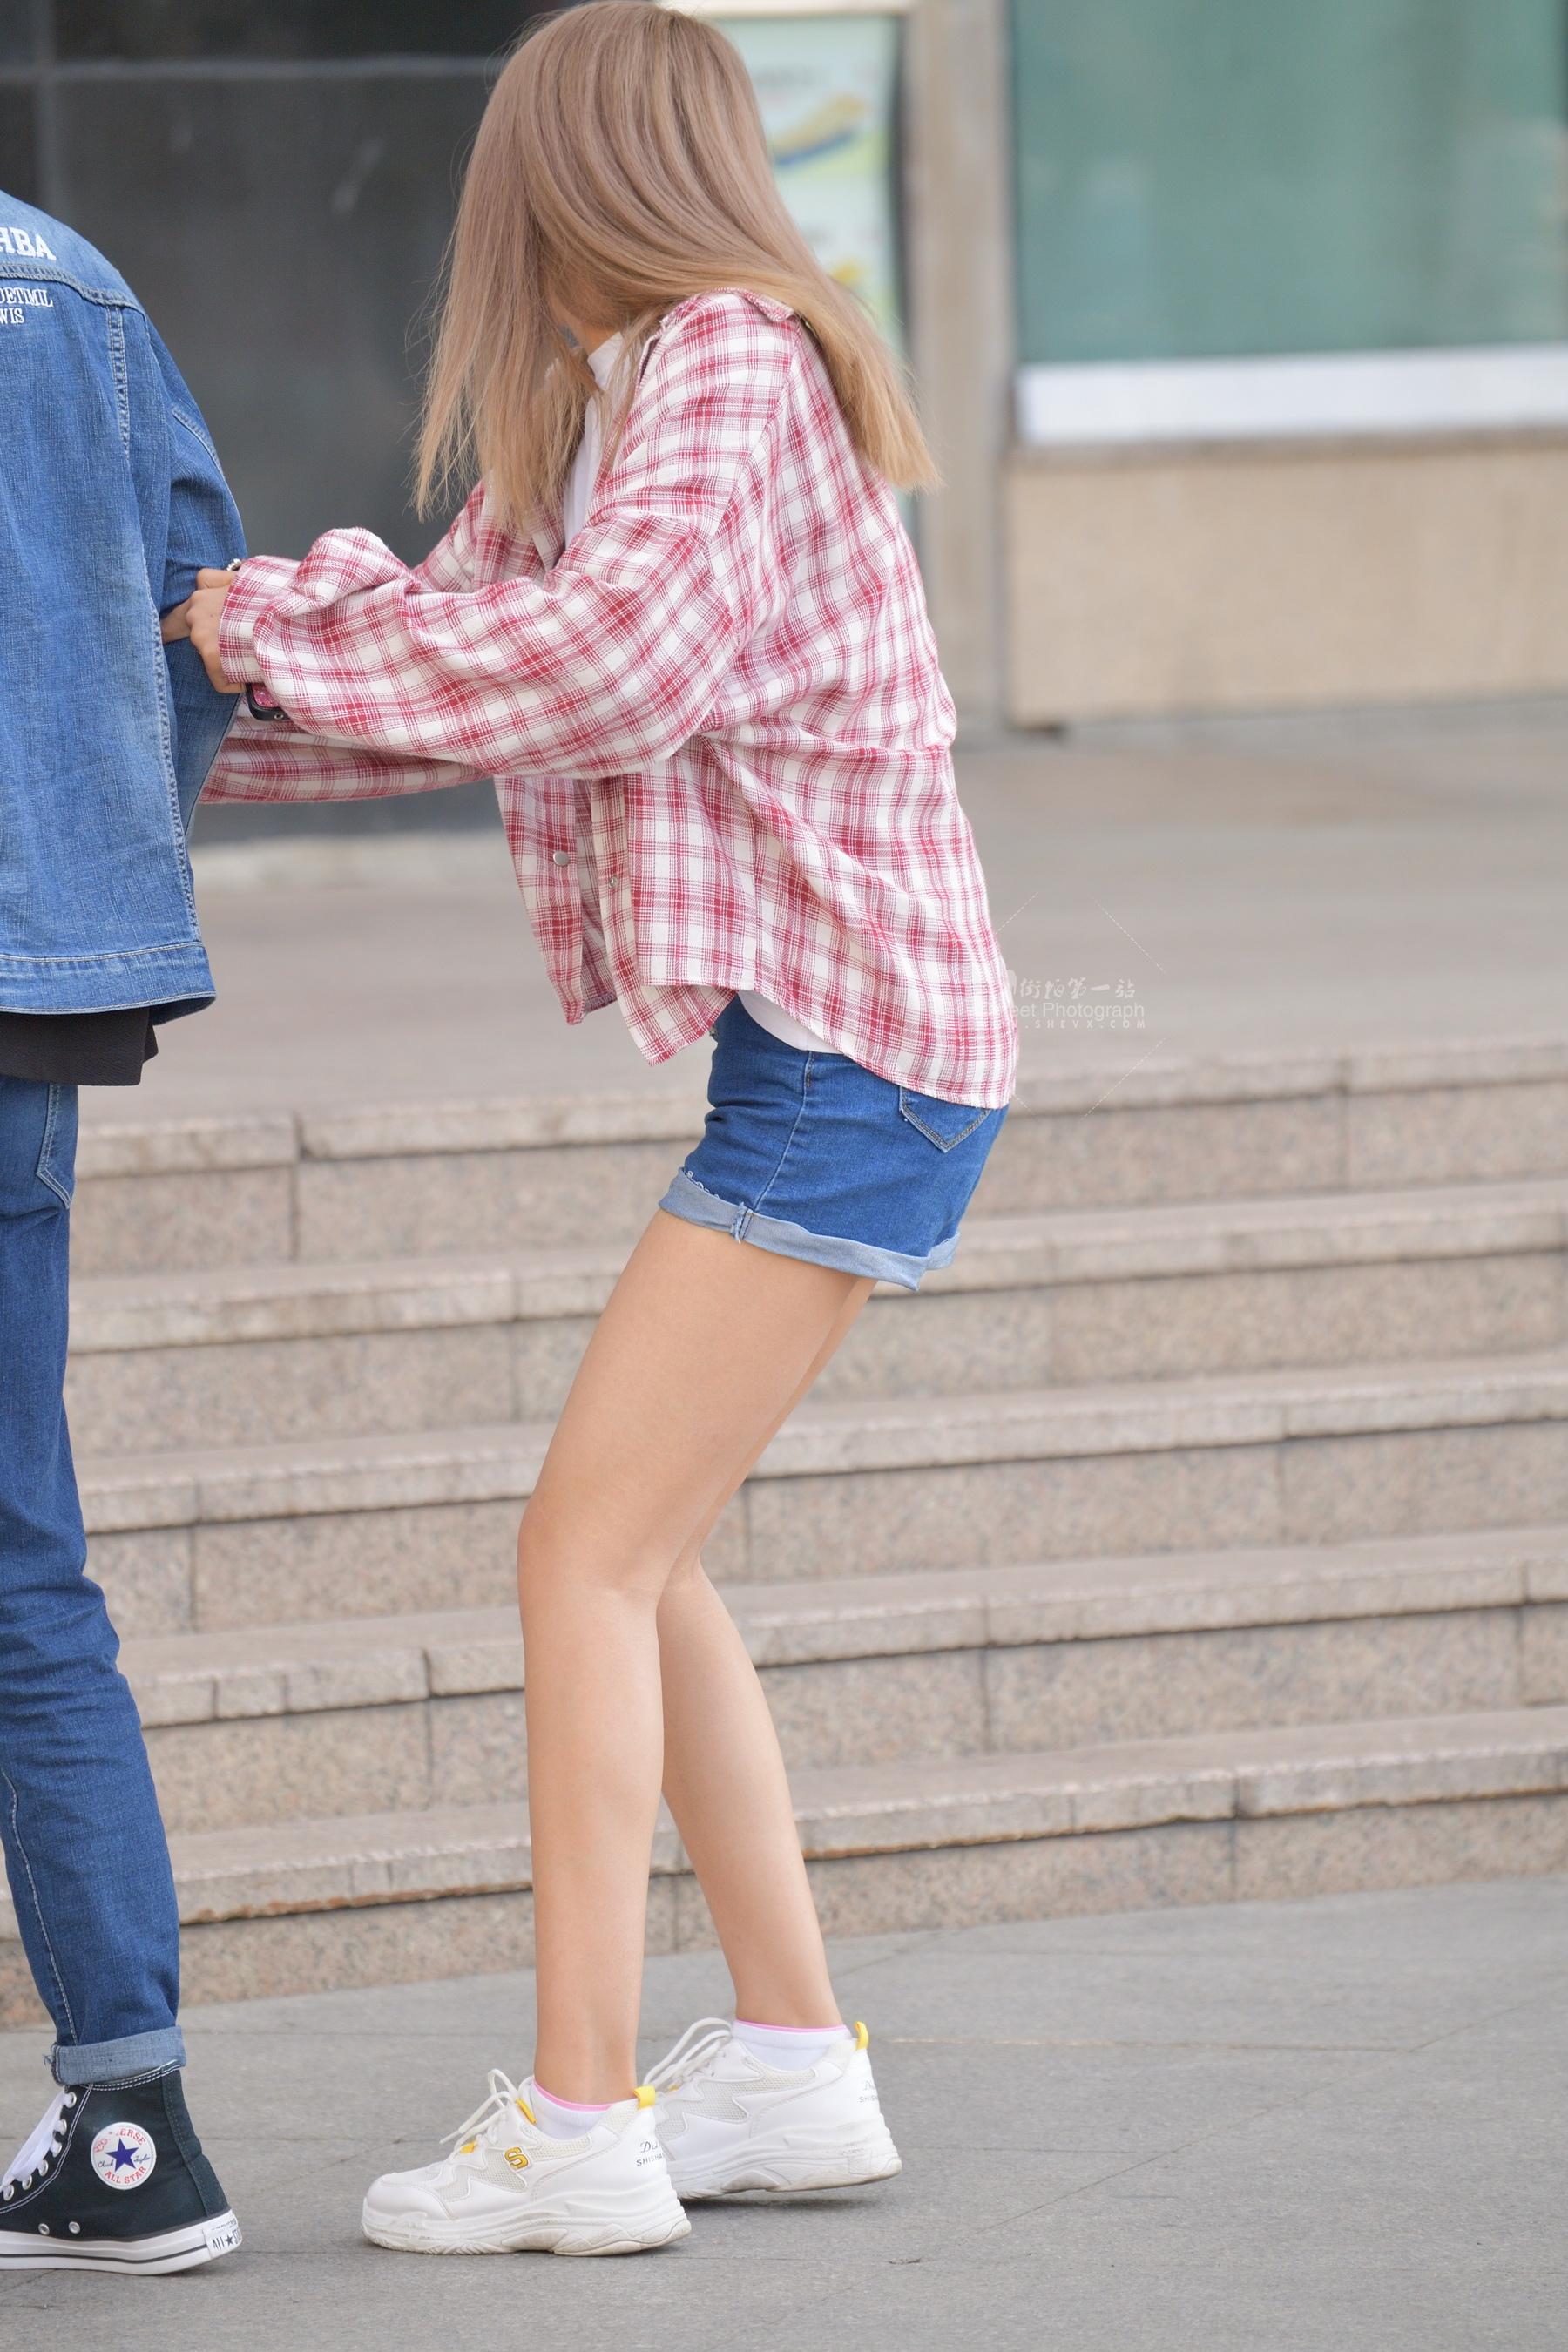 短裤格子衫